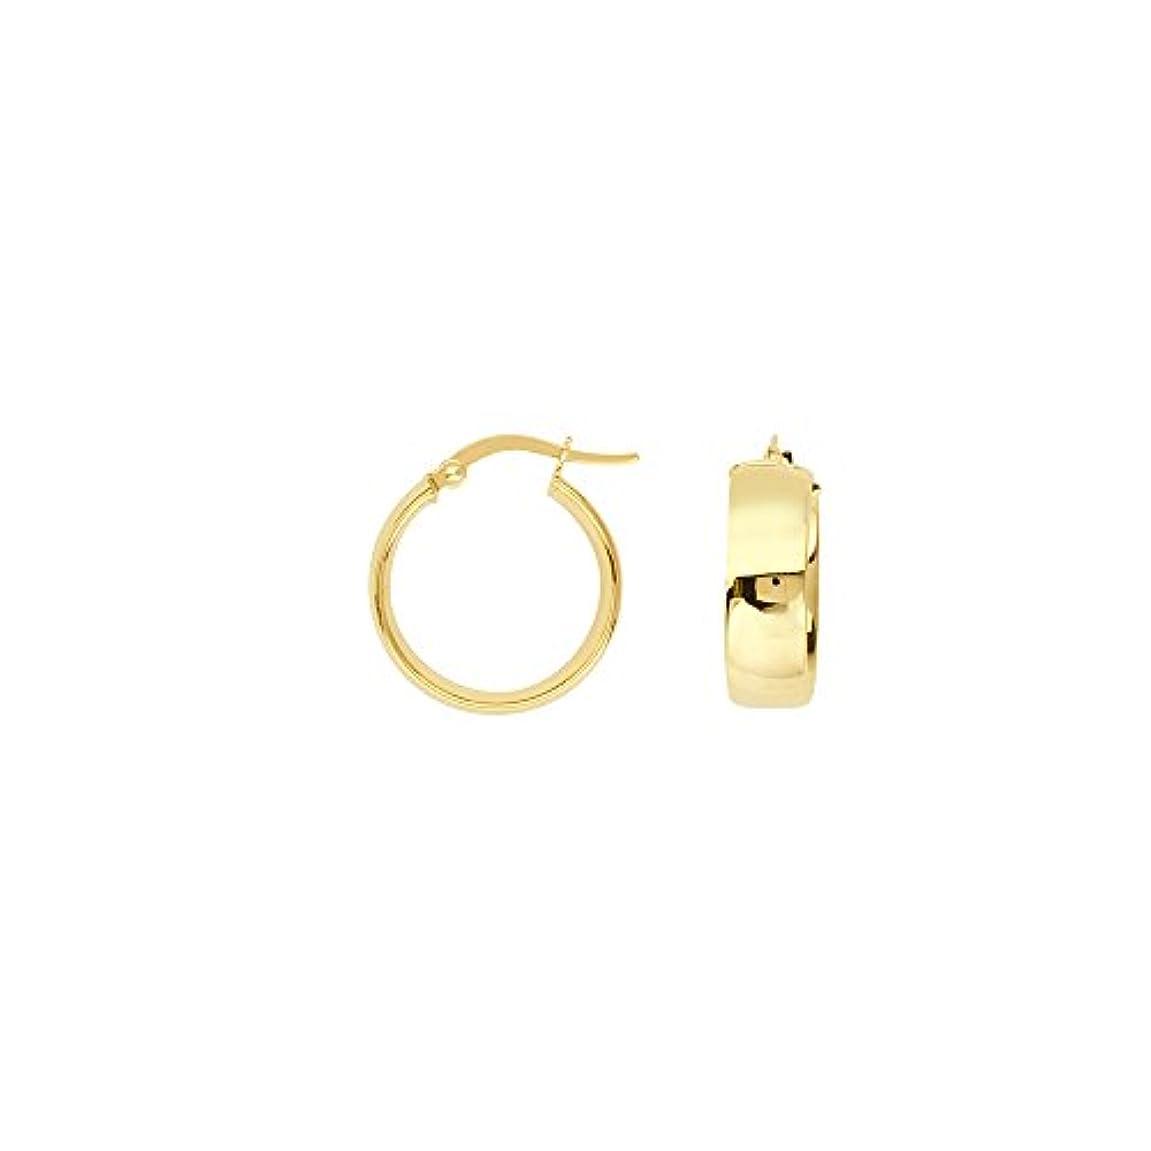 確率騒々しい全体にイヤリング チェスト 14K イエローゴールド 結婚指輪 チューブ ハイポリッシュ ピアス 幅15mm